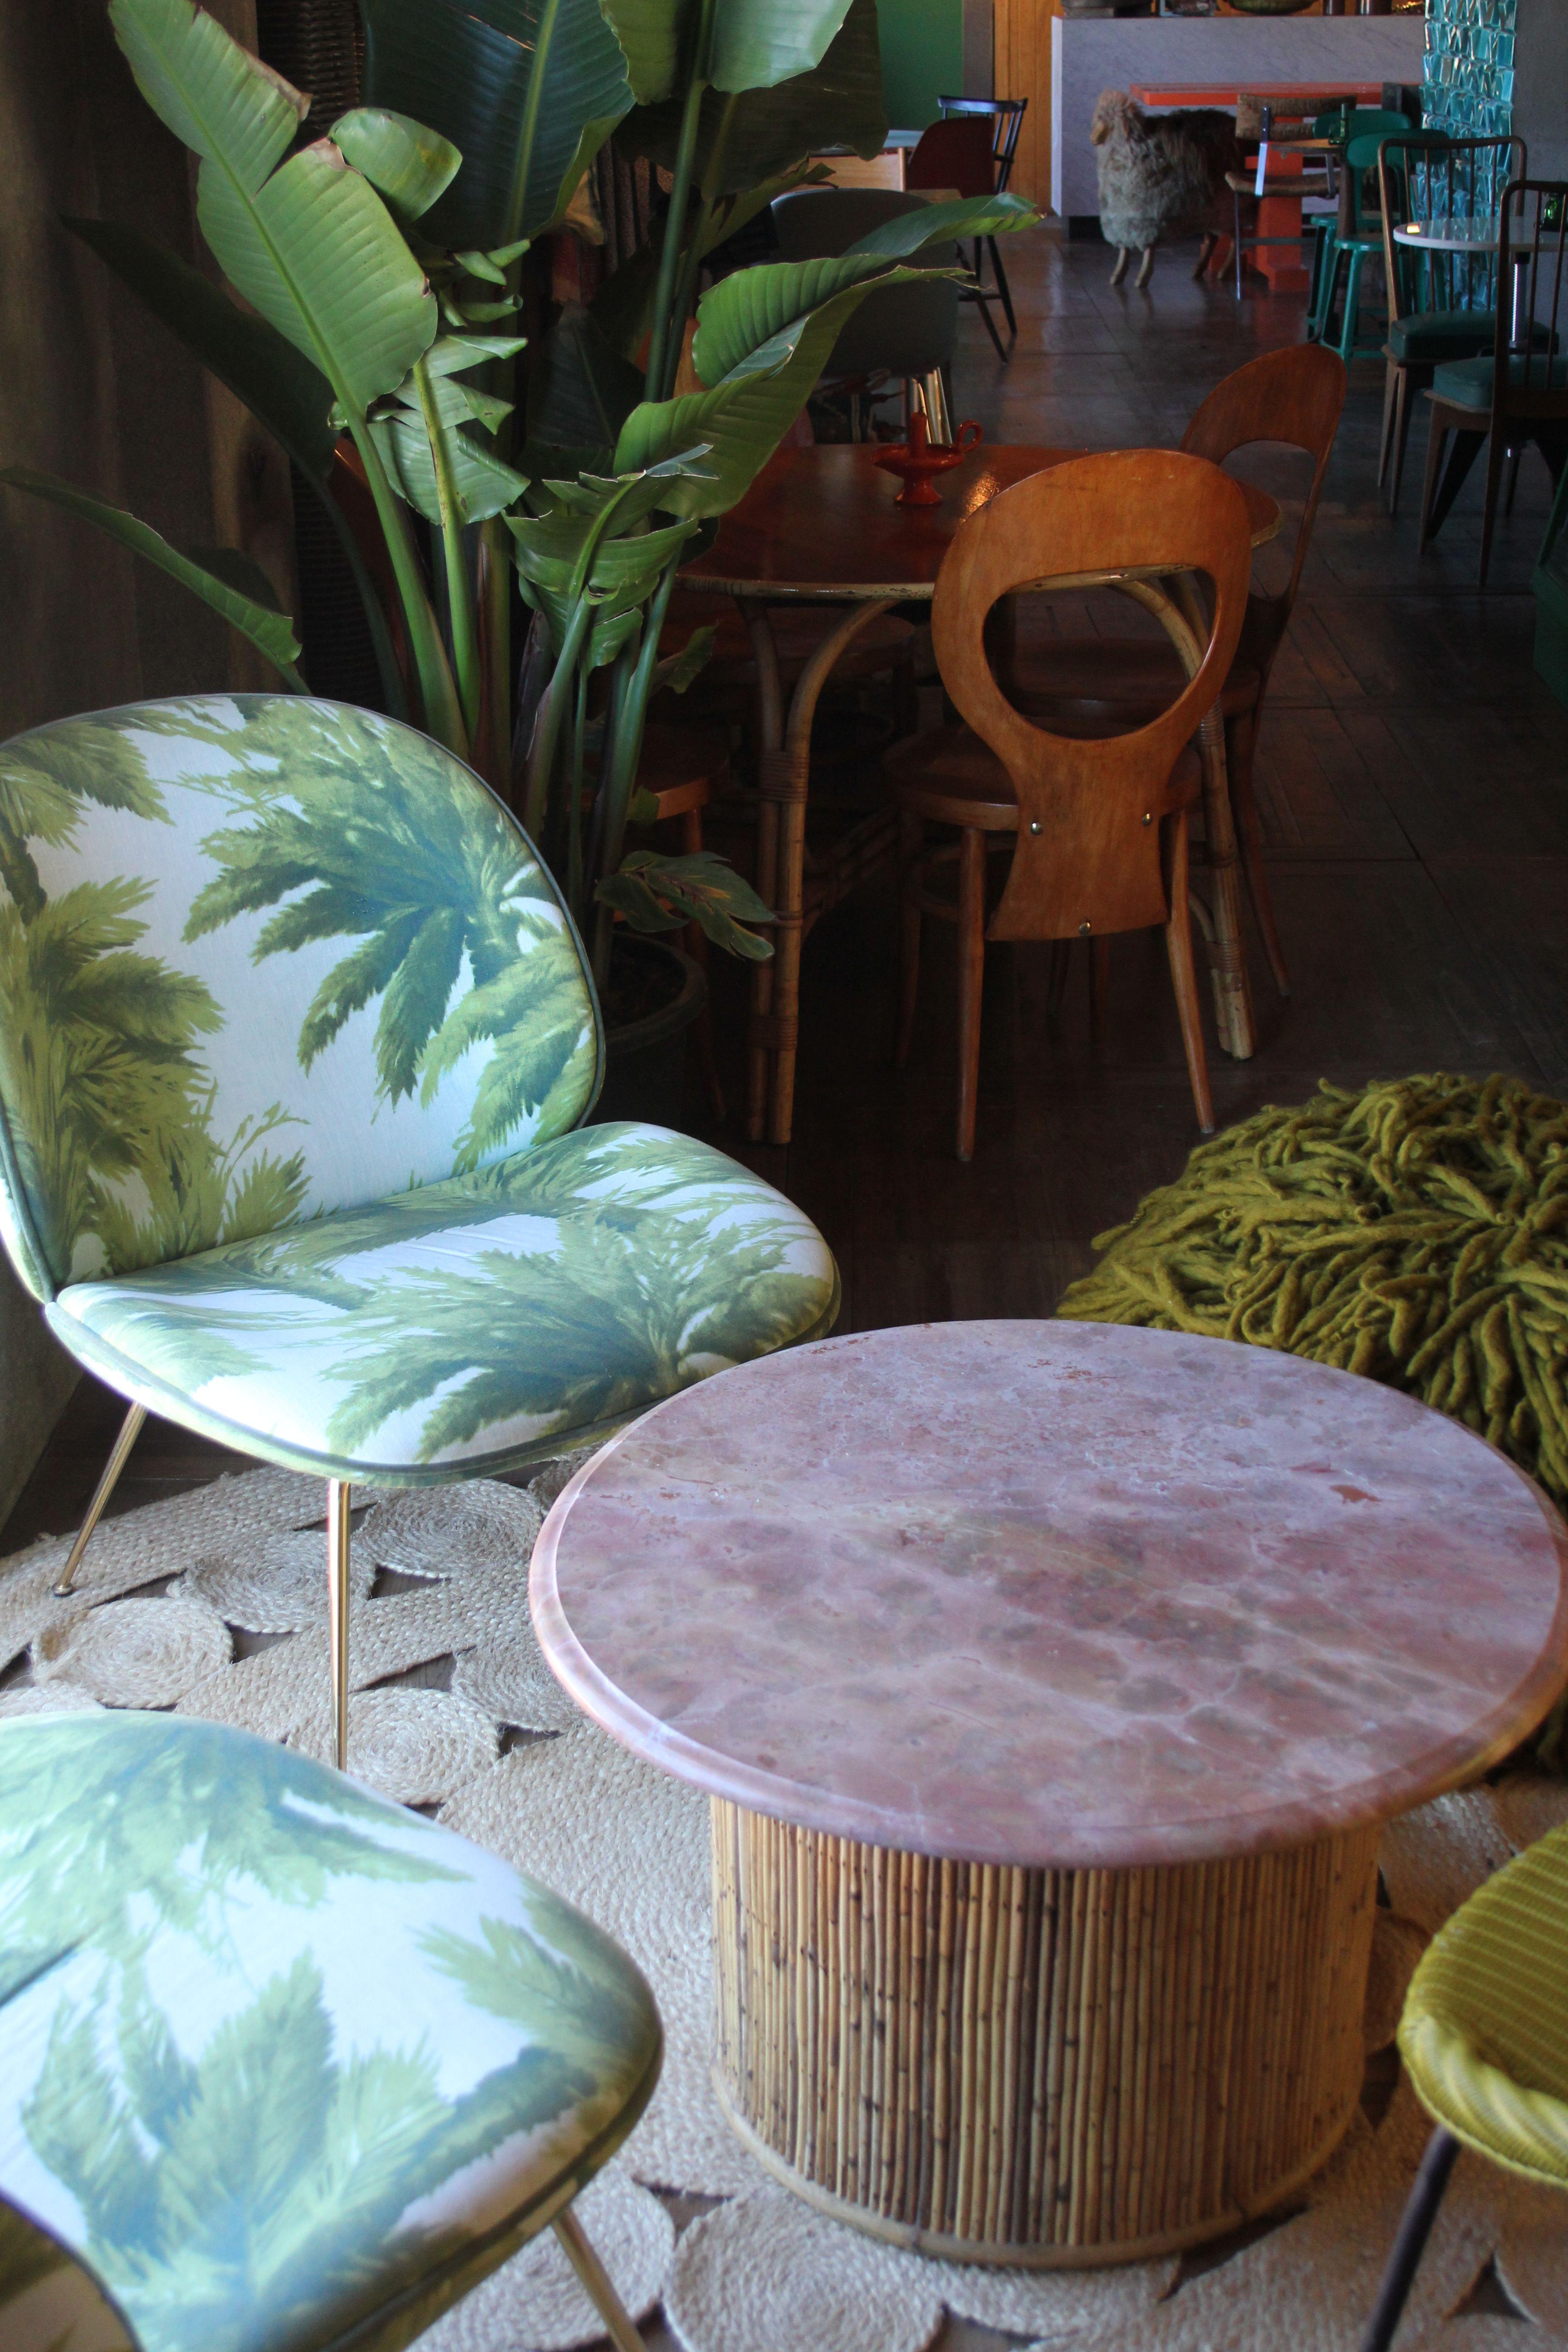 Brocante En Ligne Selency los enamorados hotel - ibiza / colorful salon / tropical